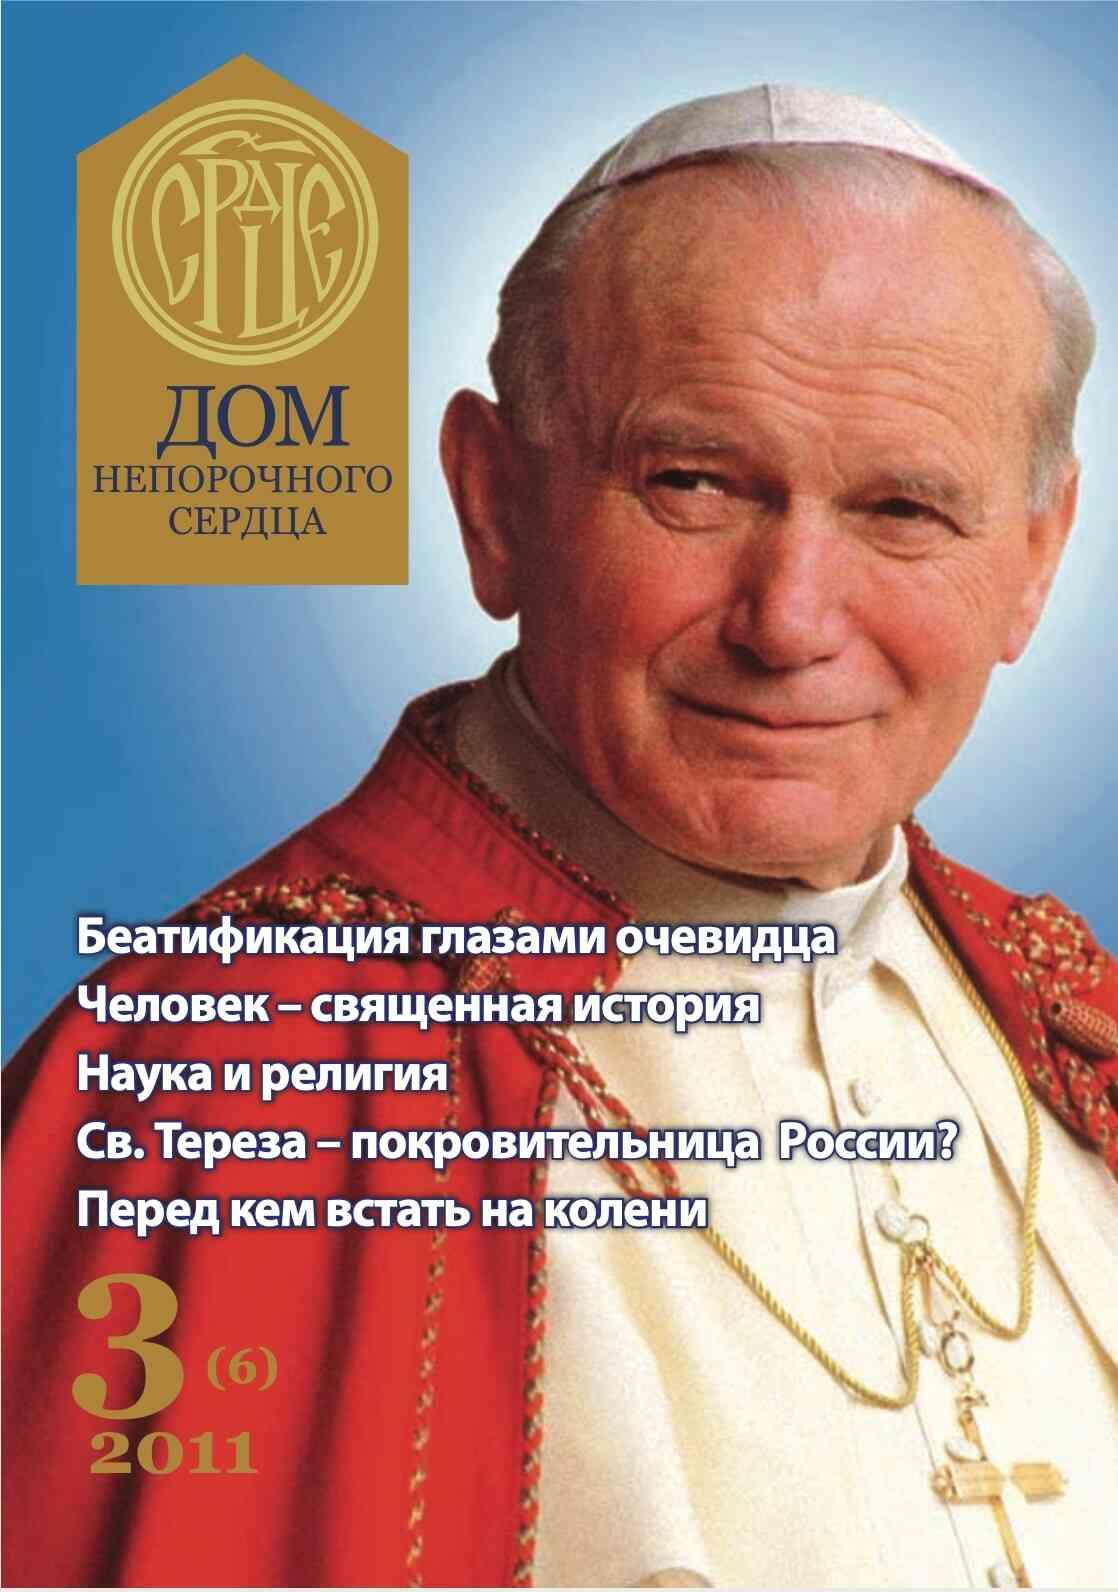 Журнал «Дом Непорочного Сердца» № 3 (6) 2011 год